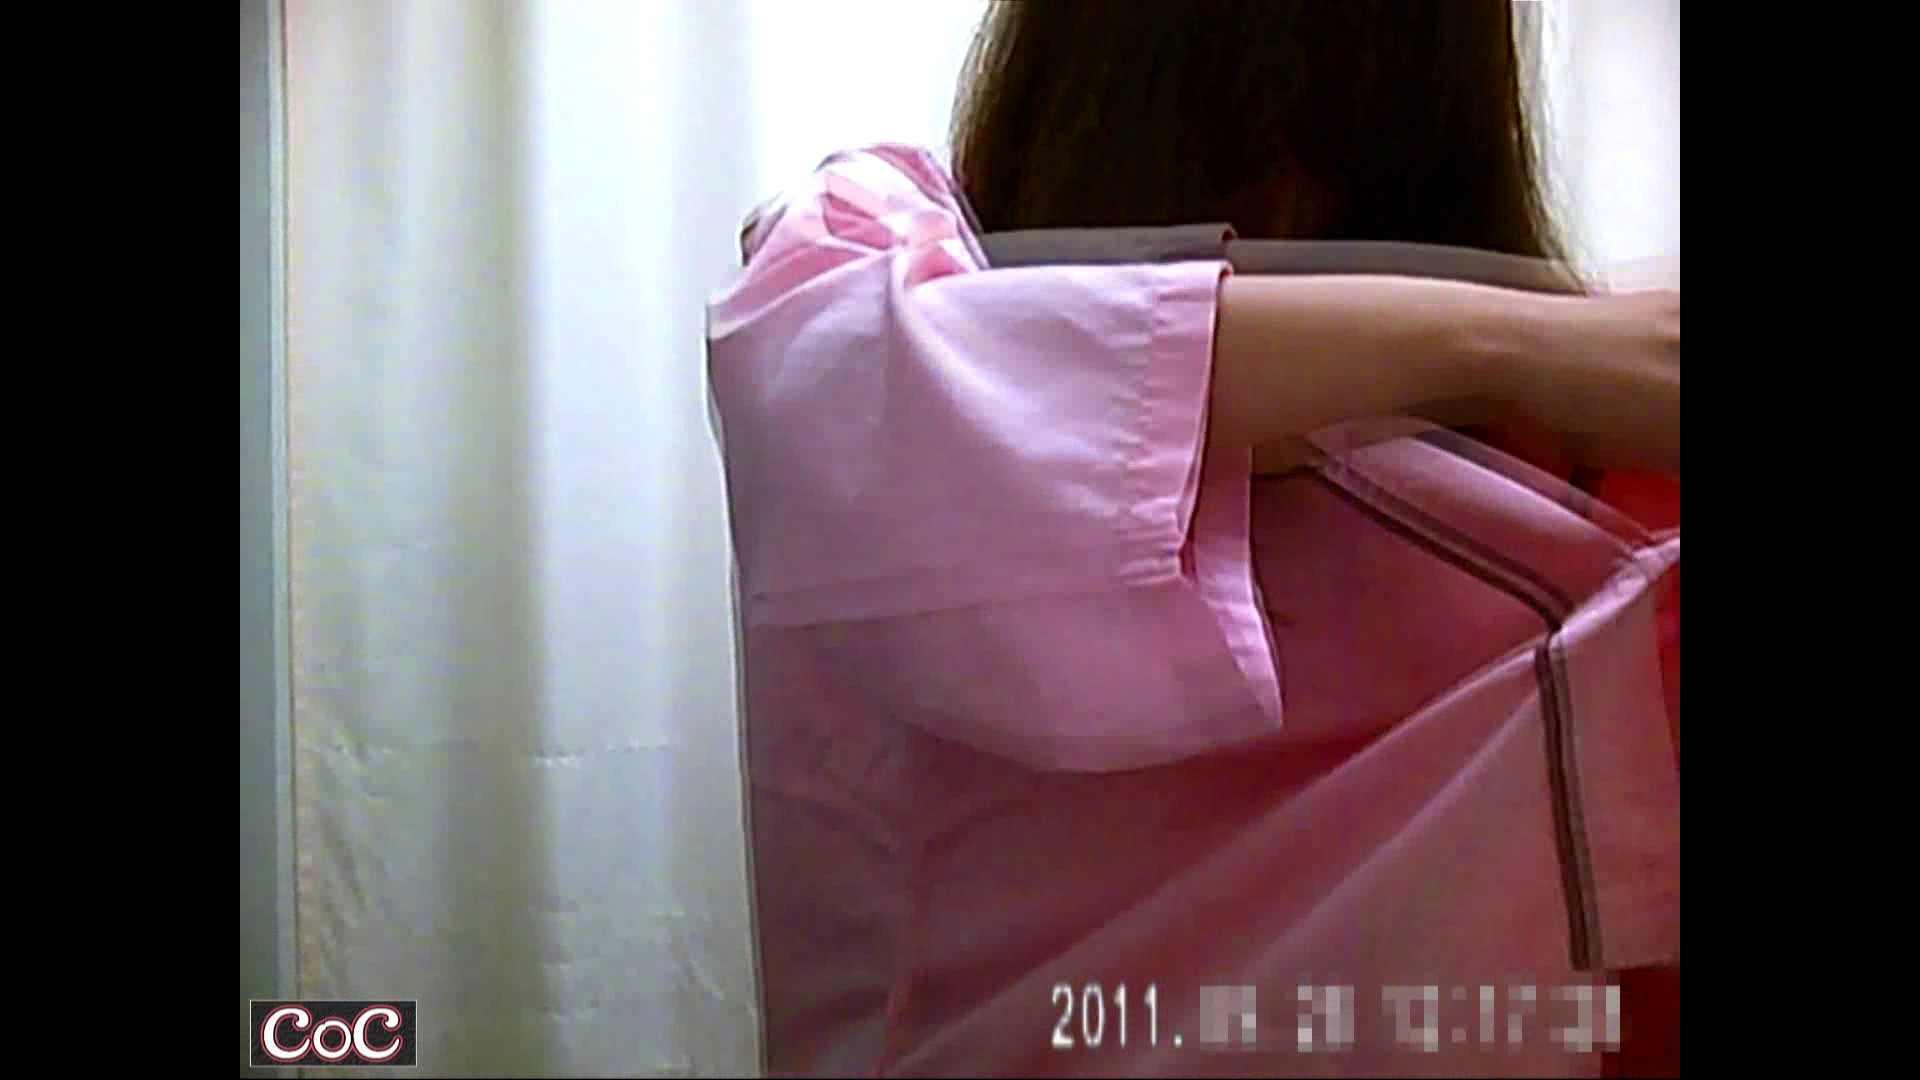 病院おもいっきり着替え! vol.41 乳首ポロリ のぞきエロ無料画像 99画像 81